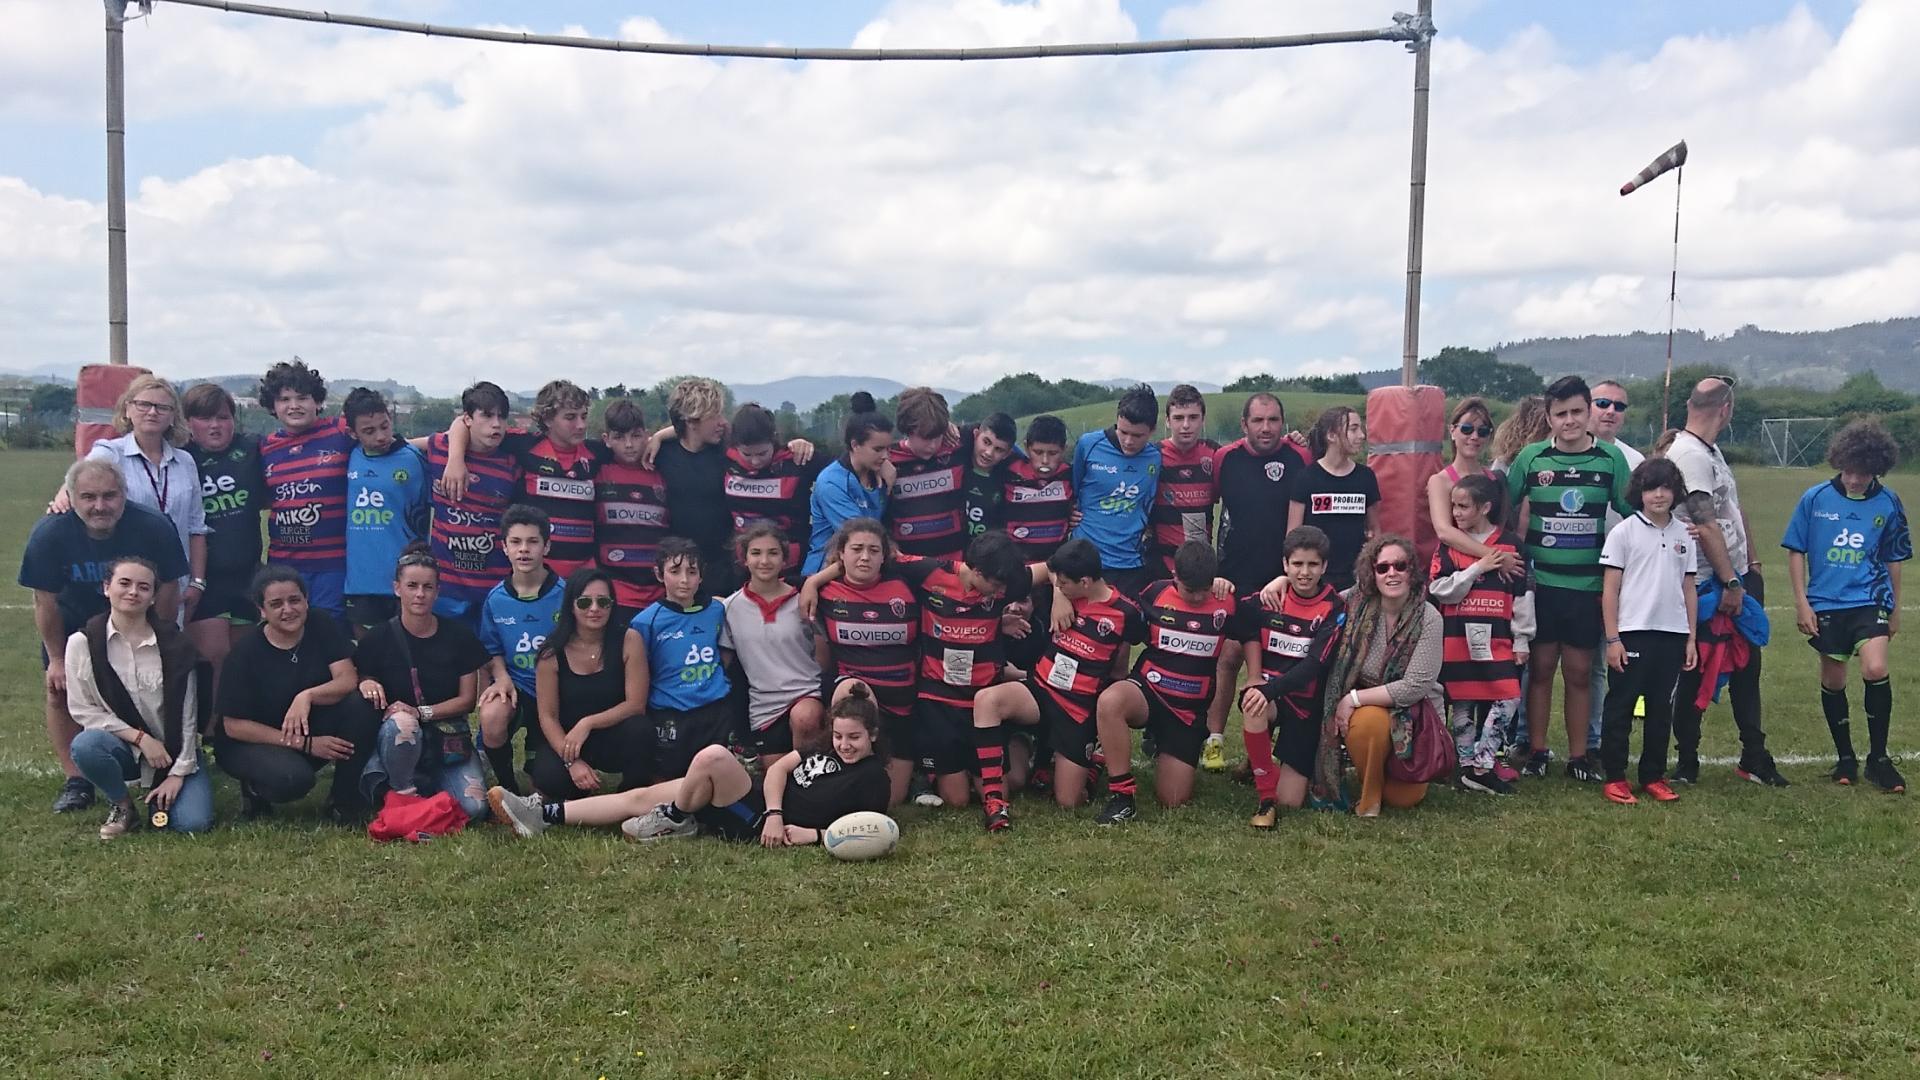 El Beone Rugby se desplazó con todos sus equipos al II Torneo Intercantábrico celebrado en Llanera